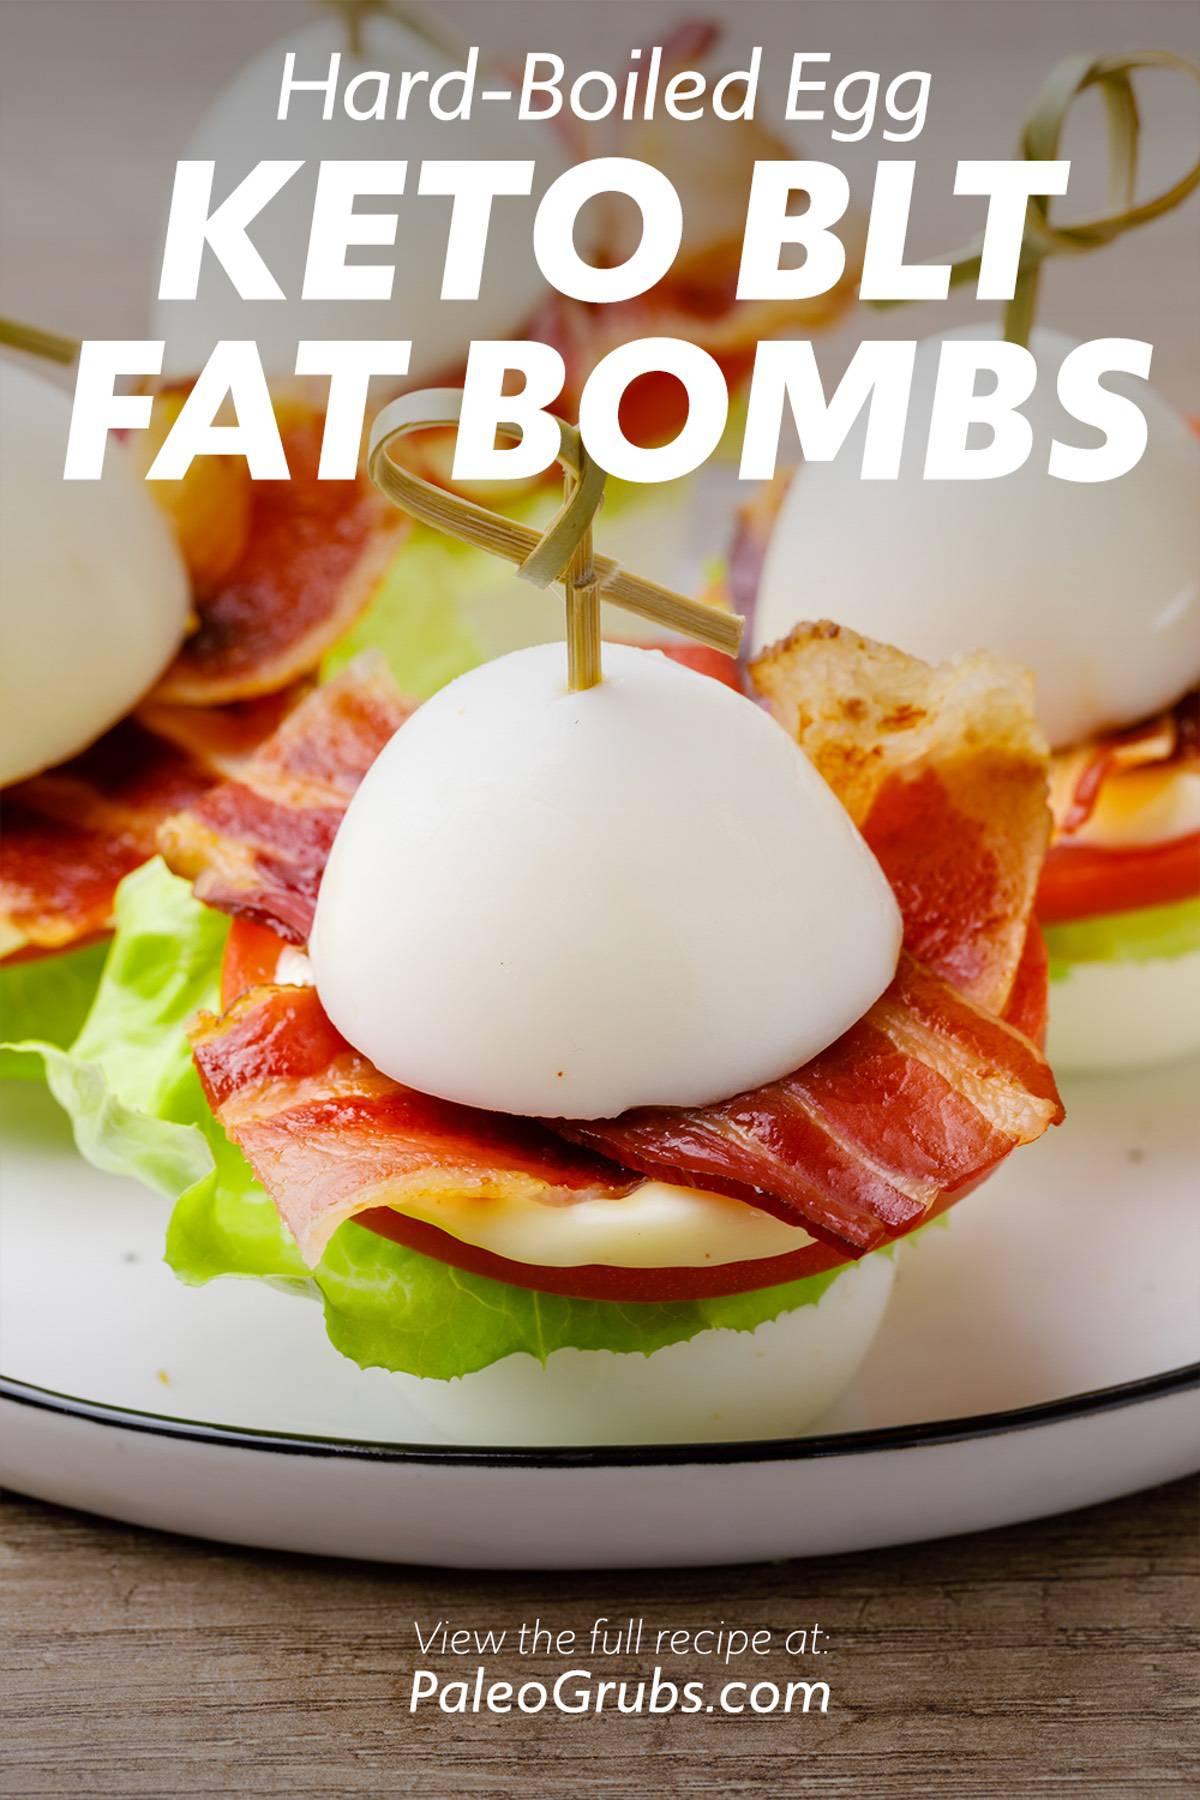 Hard-Boiled Egg BLT Keto Fat Bombs